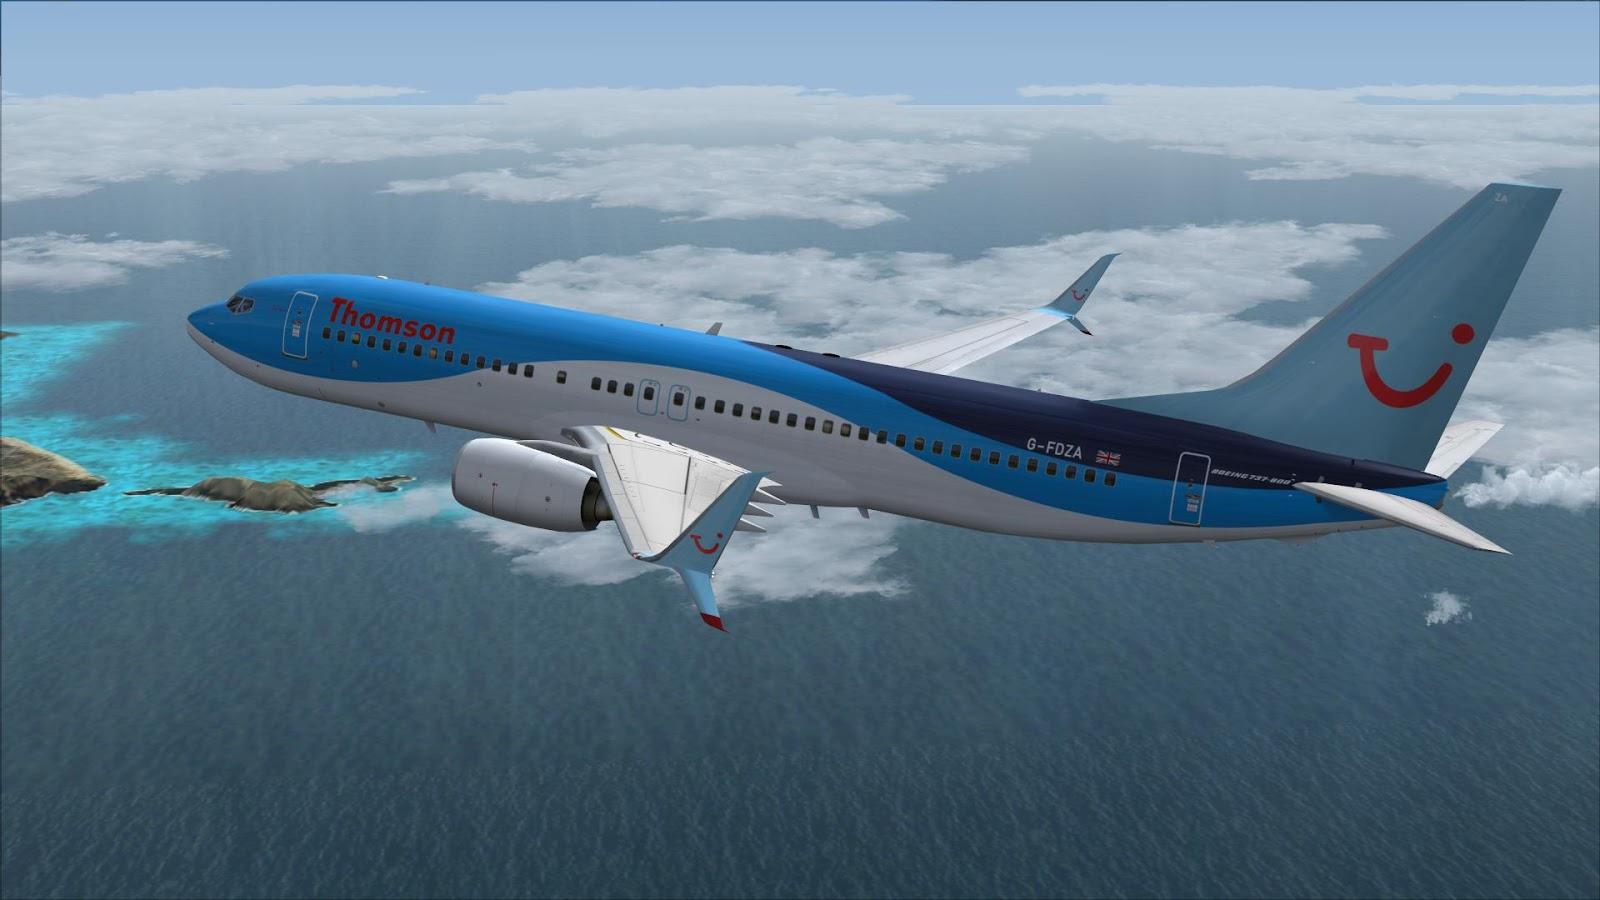 FSRepainter: TDS 737-800SSW Thomson Airways G-FDZA